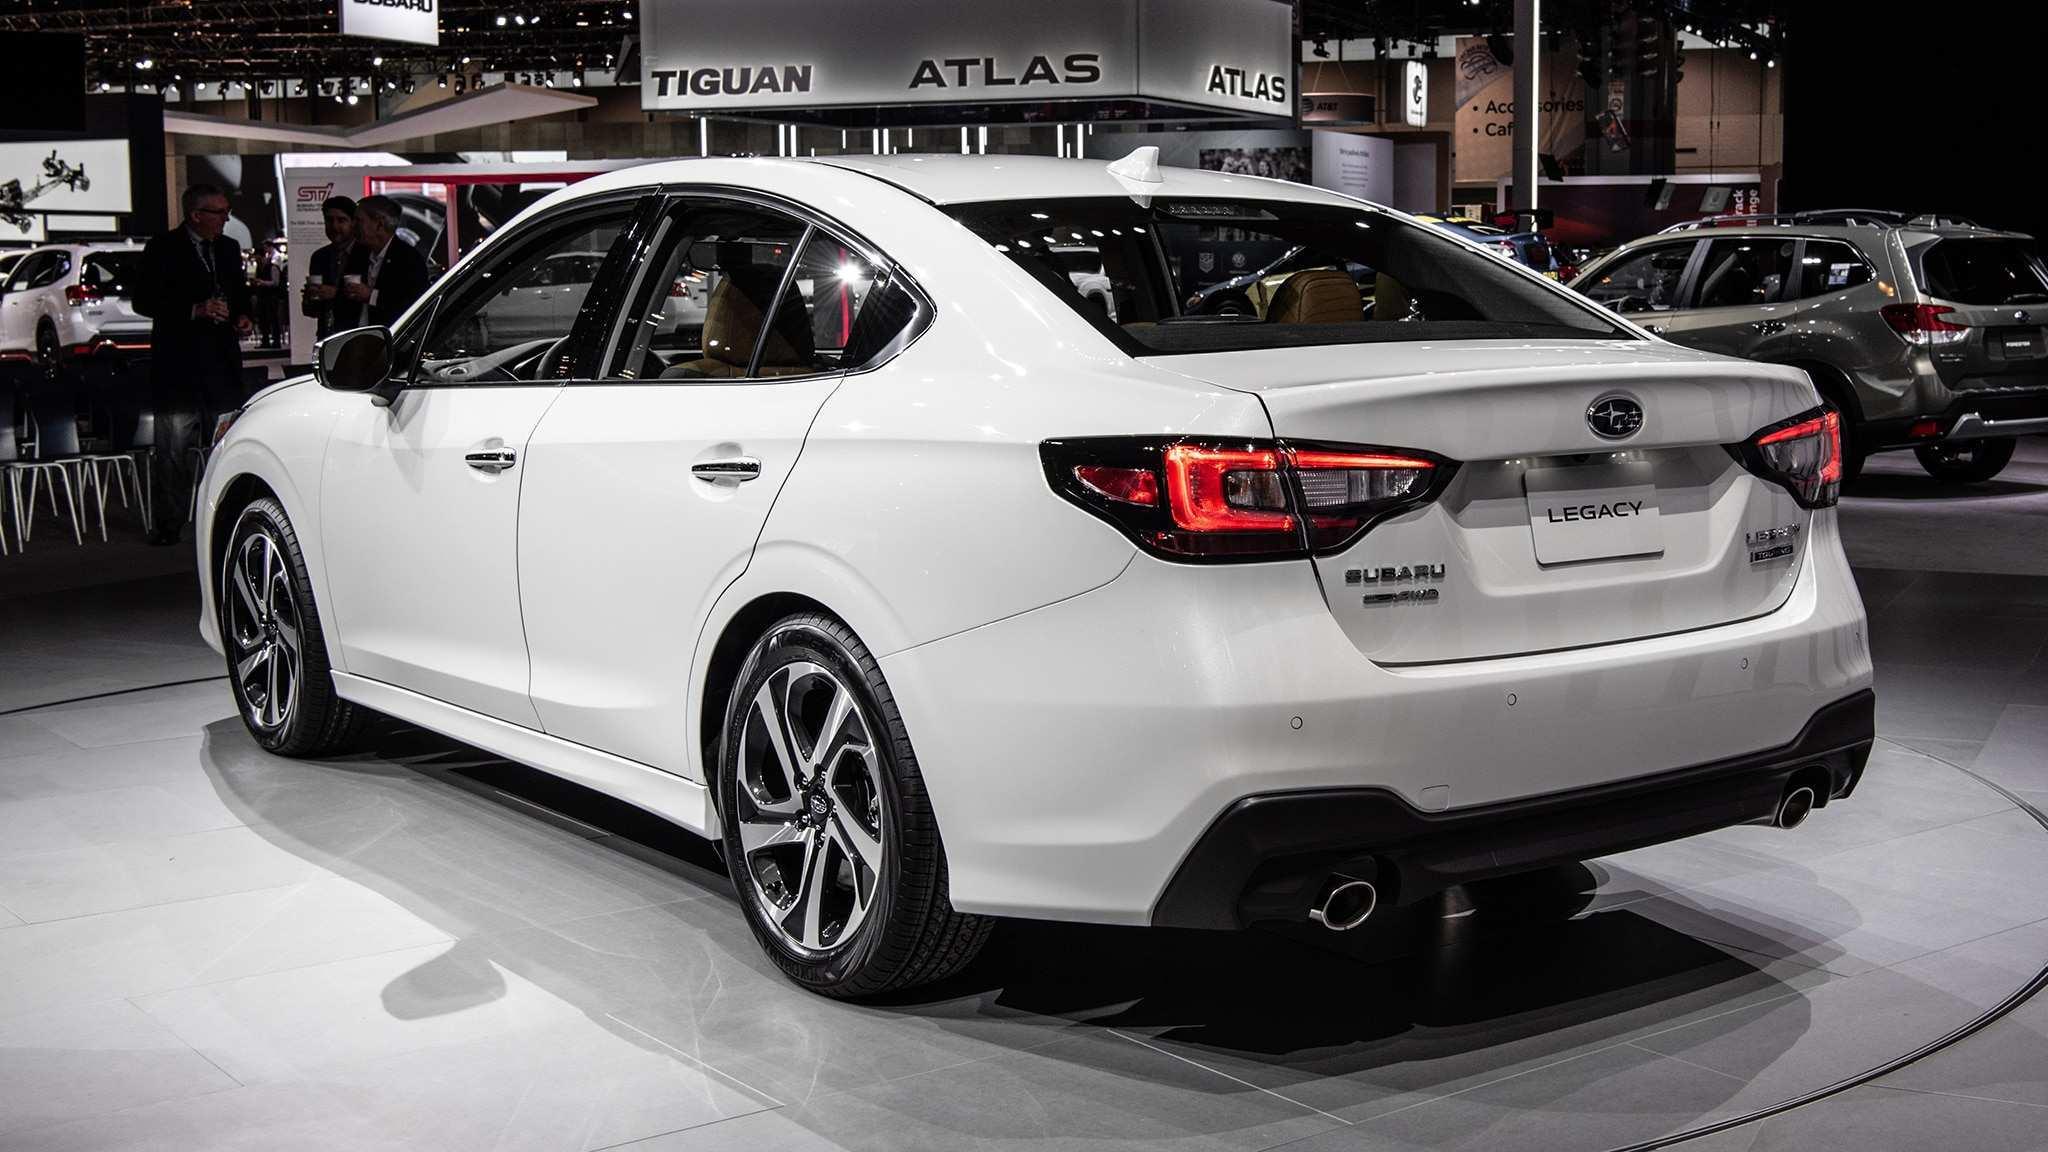 41 Gallery of 2020 Subaru Legacy Price Performance for 2020 Subaru Legacy Price